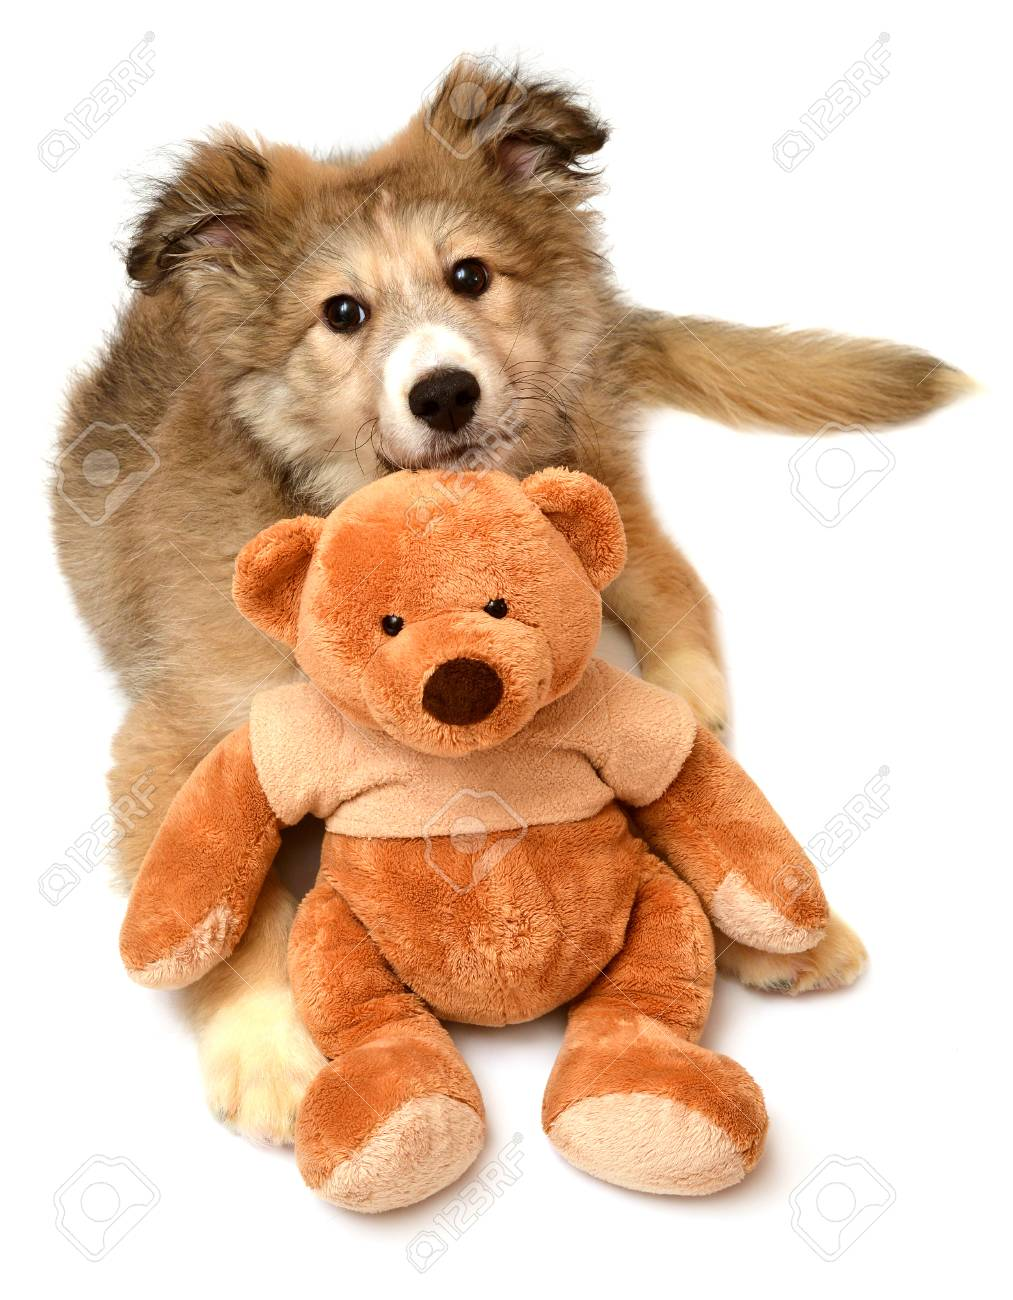 Fullsize Of Teddy Bear Dogs